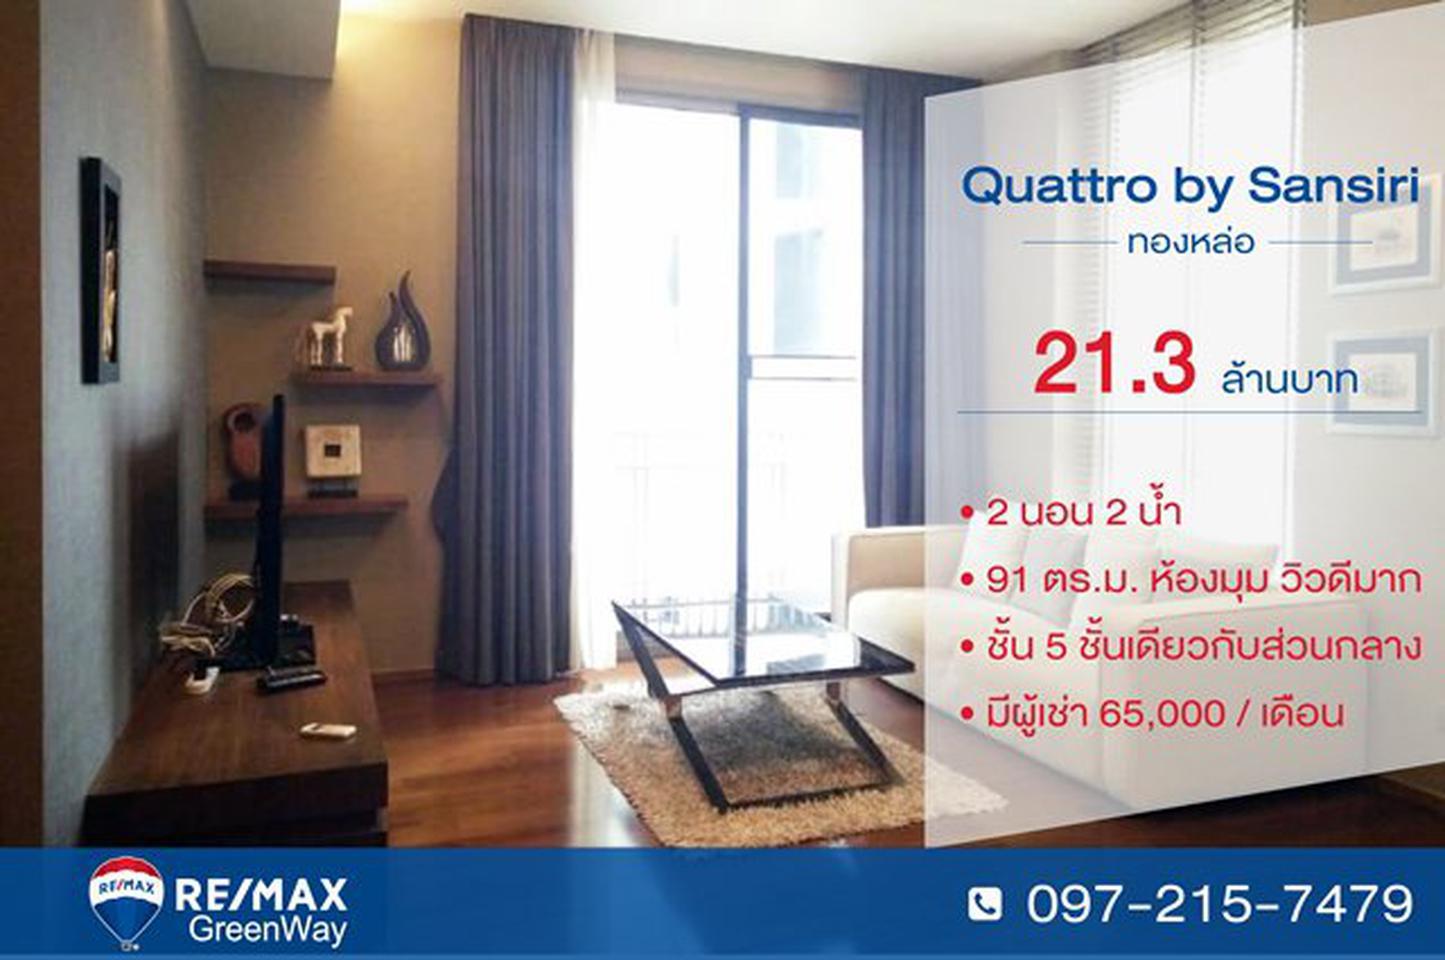 ขายคอนโด Quattro By Sansiri ห้องมุม แต่งสวยมาก ราคาถูก 91 ตร รูปที่ 6